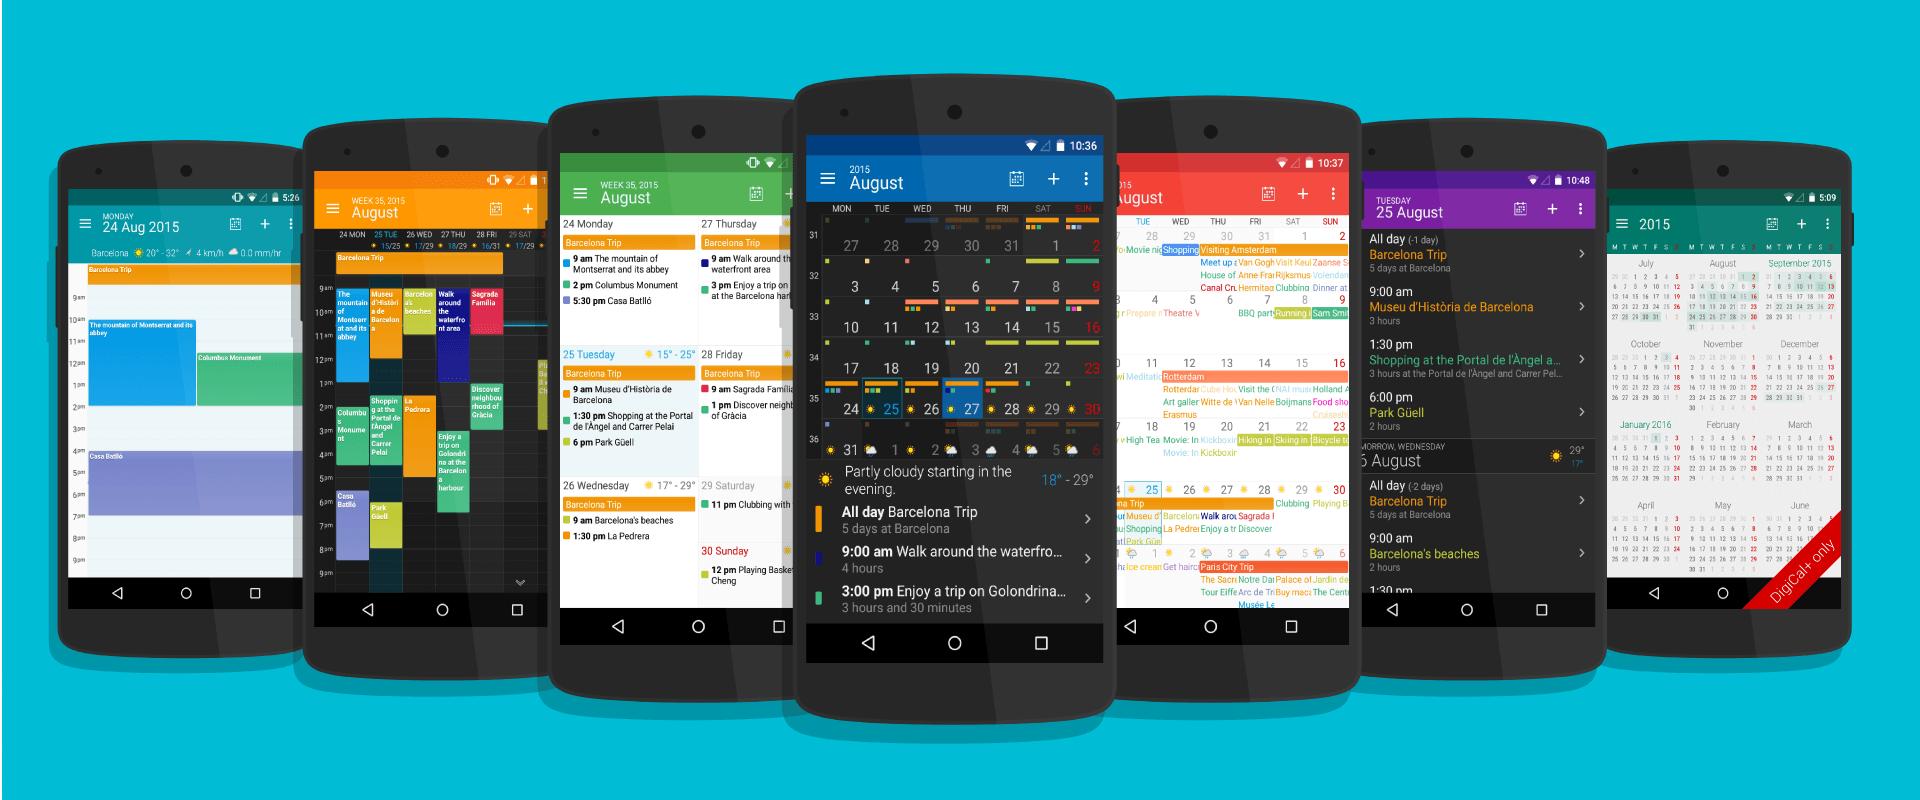 planovaci kalendar android Nejlepší kalendář pro Android jménem DigiCal » Digitips.cz planovaci kalendar android